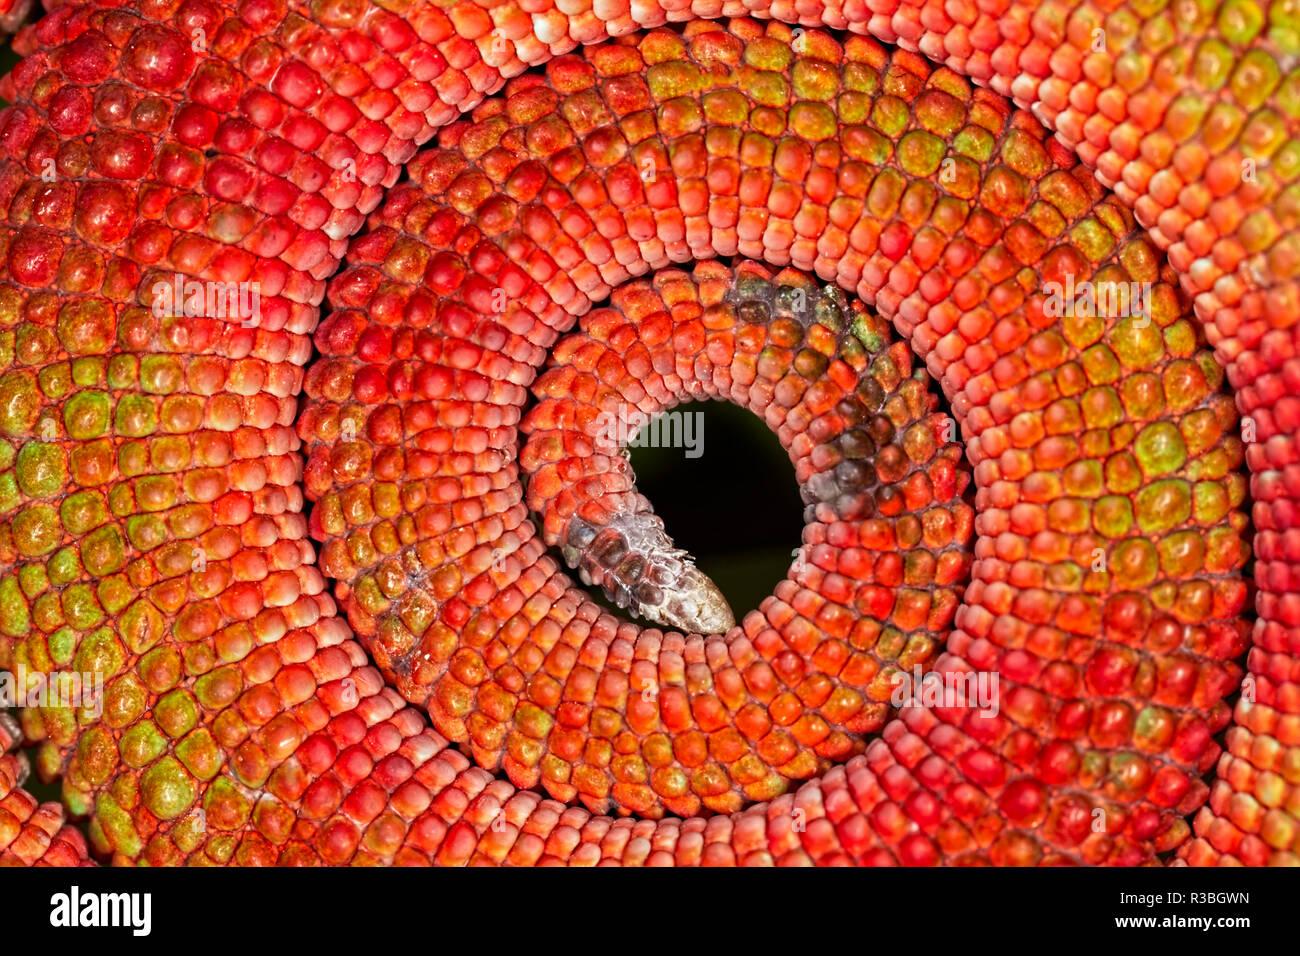 Kreisförmige Muster der roten Schuppen auf Panther chameleon Schwanz eingerollt, Furcifer pardalis, beheimatet in Madagaskar Stockbild